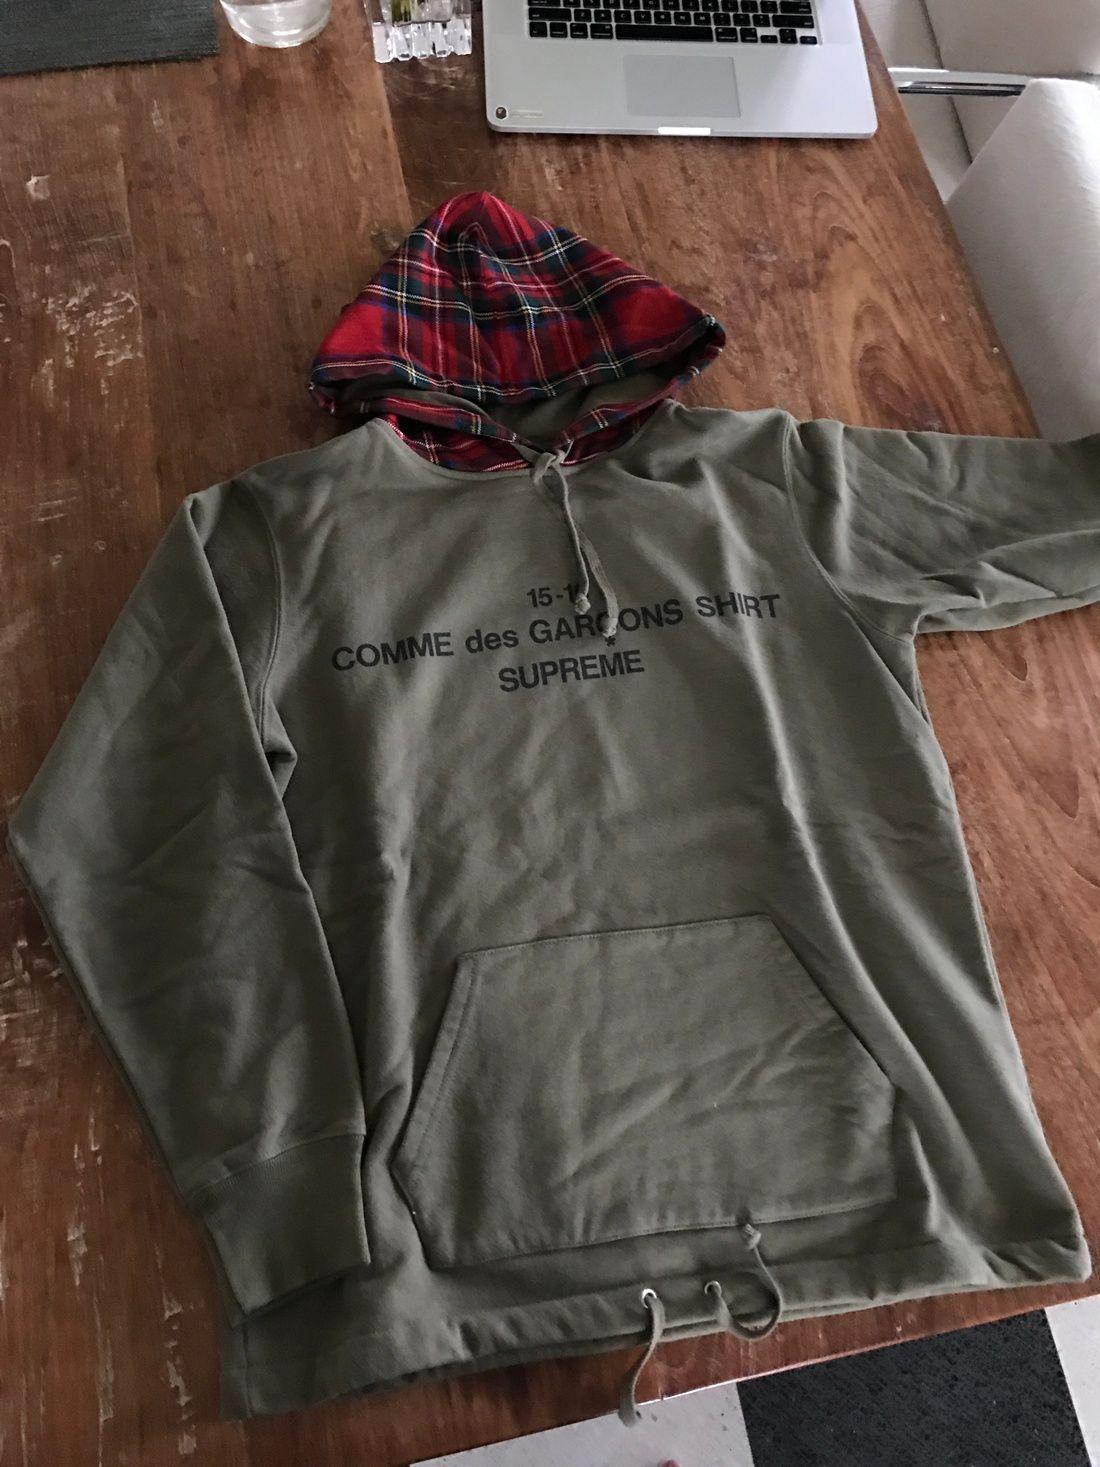 Comme Des Garcons Supreme Olive Cdg Shirt Hoodie Size S 630 Hoodie Shirt Supreme Hoodie Hoodies